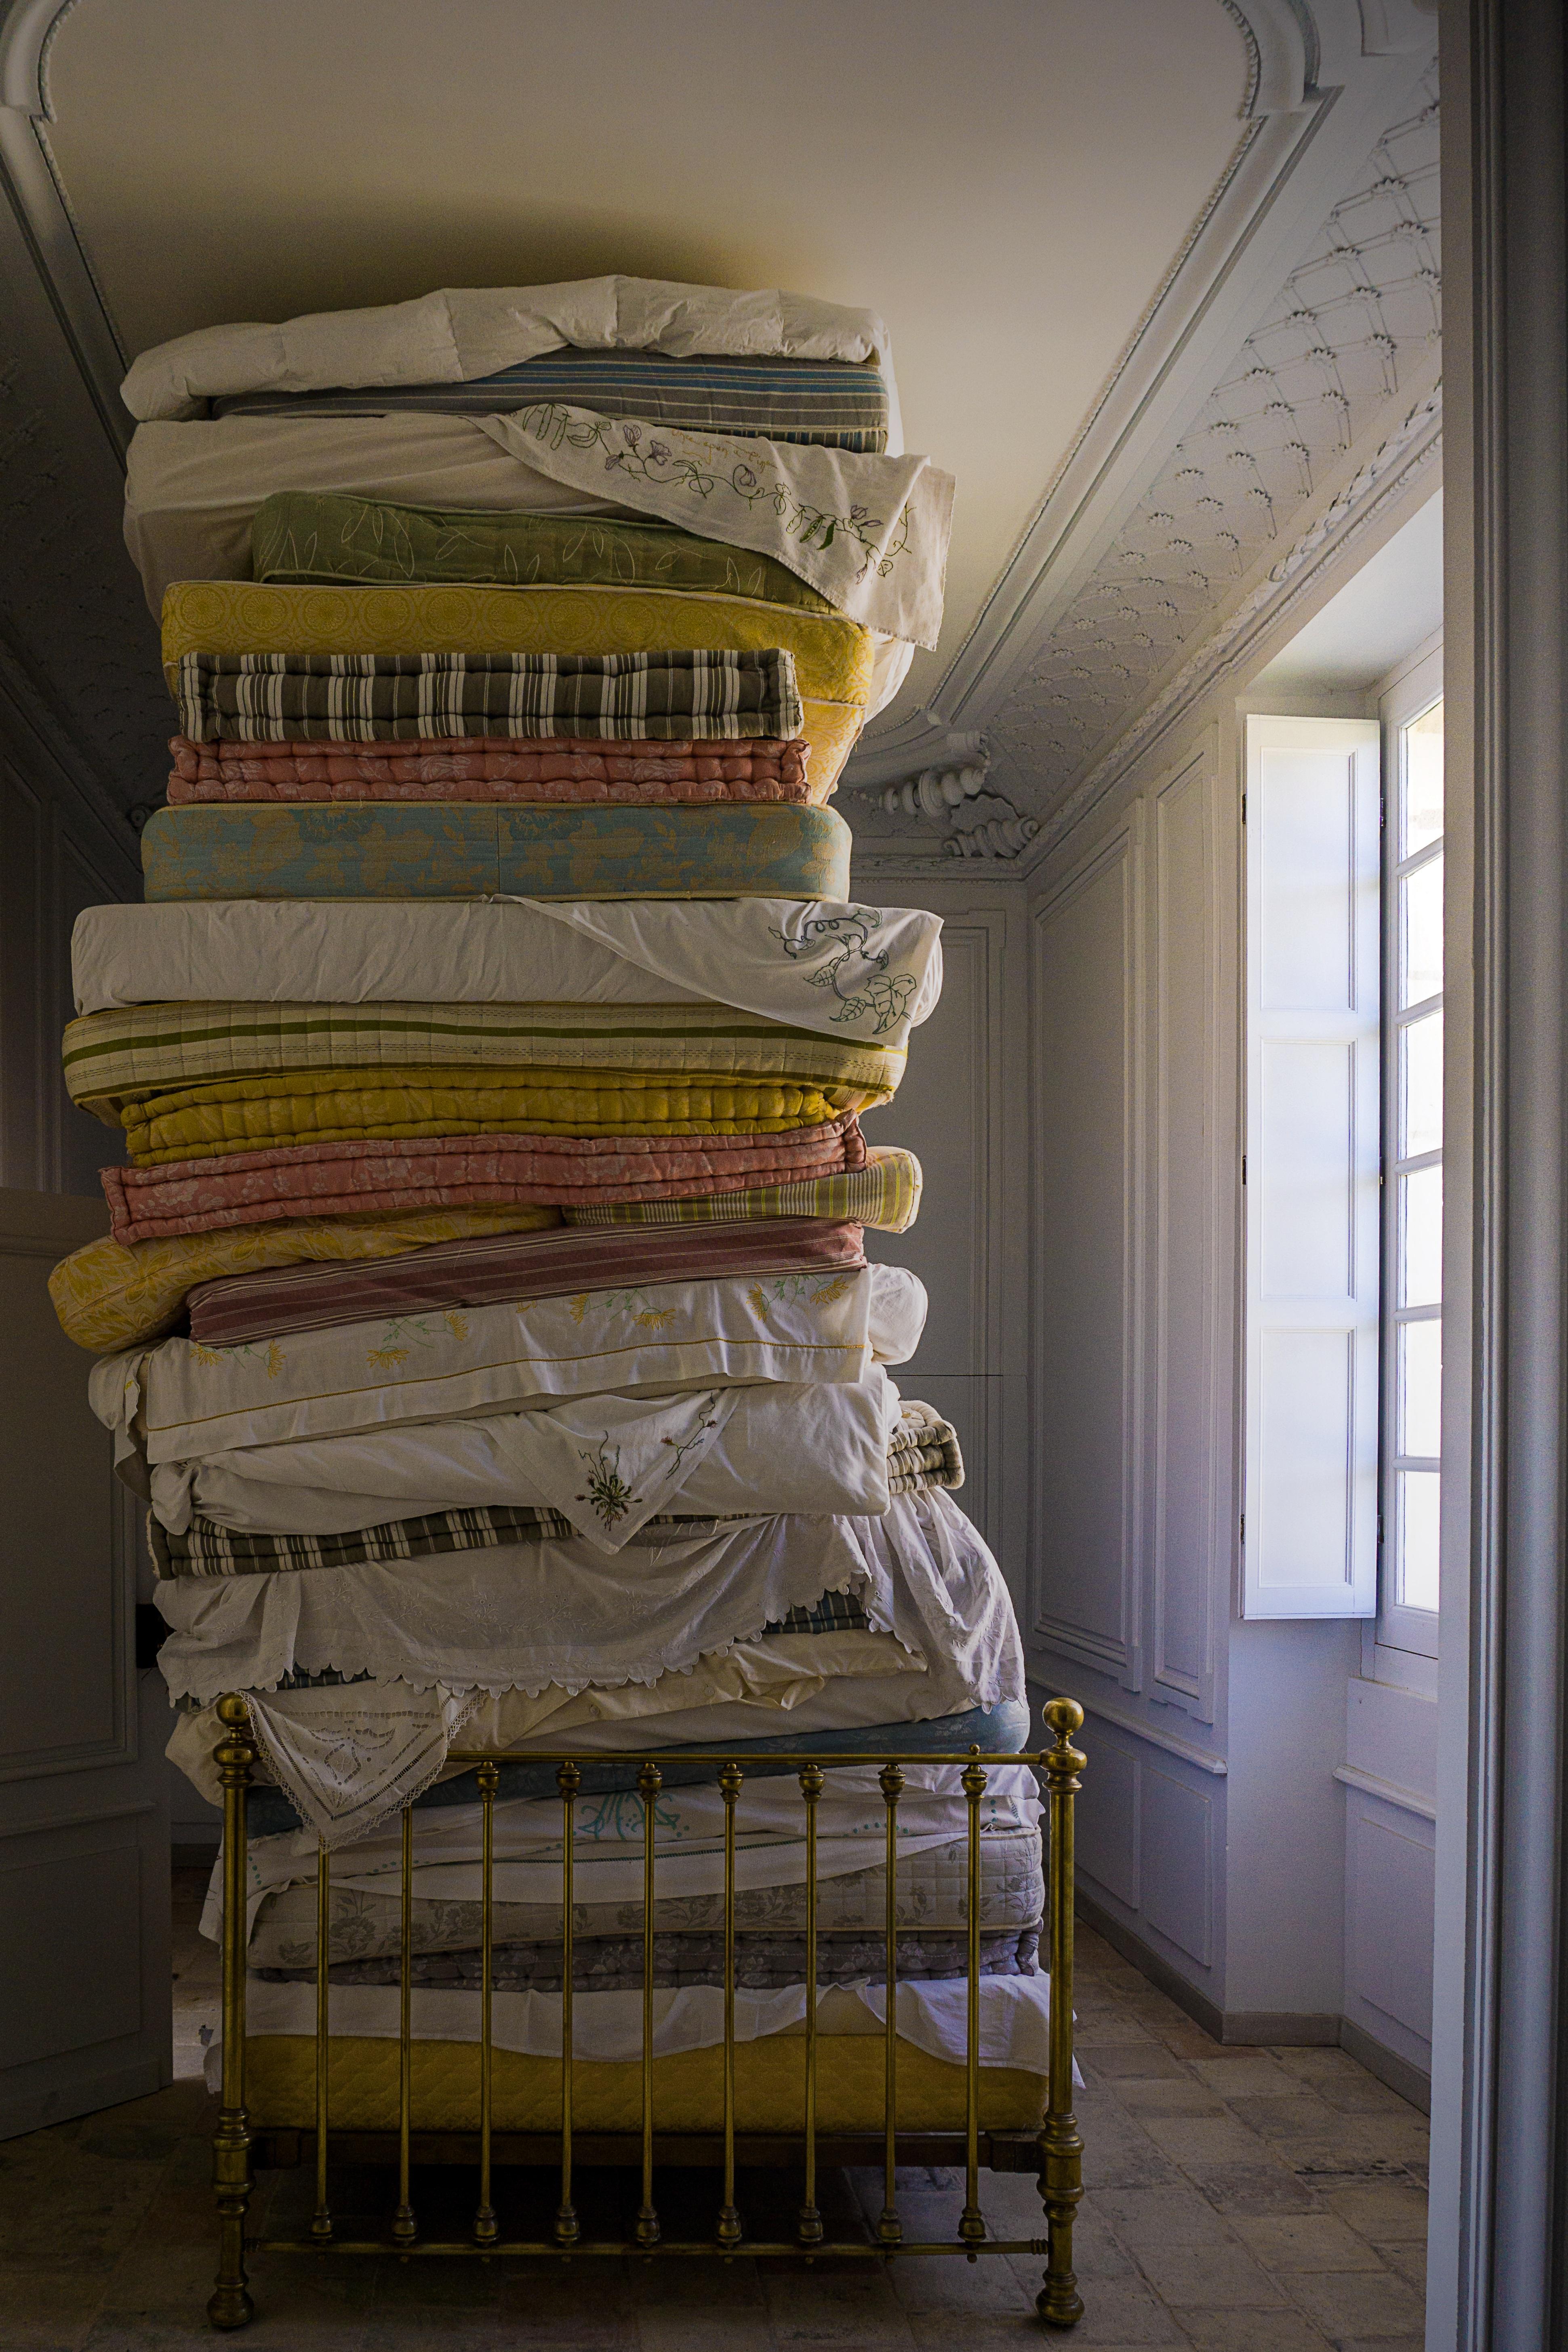 Cu l deber a ser la altura ideal de una cama viscoform for Cual es la medida de una cama queen